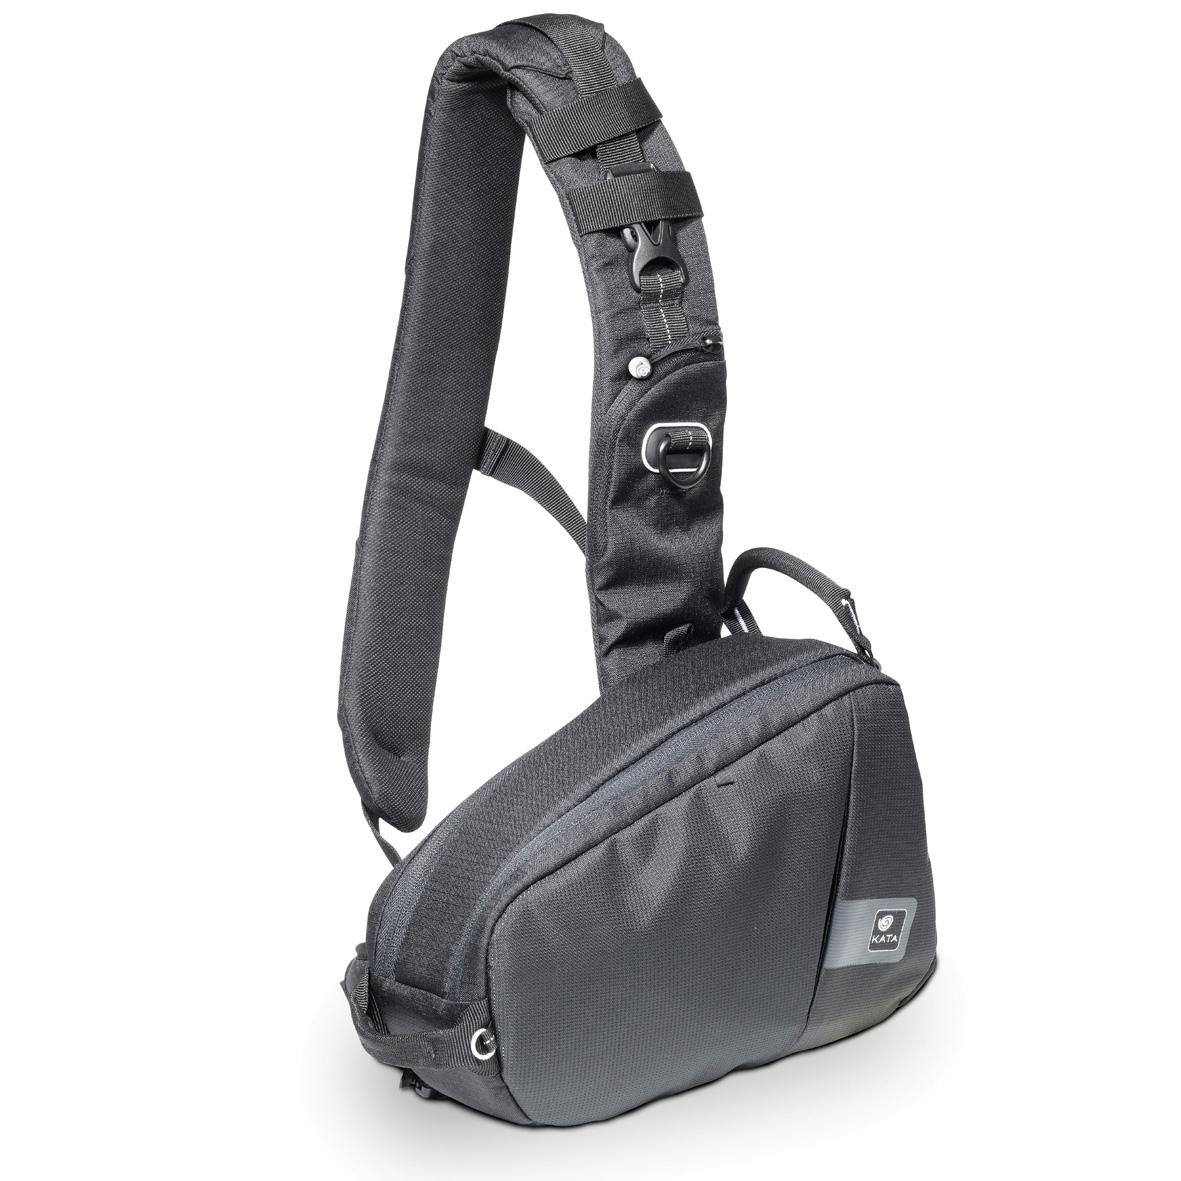 Photo Cases & Bags Kata Bags UK - LighTri-312 DL for small DSLR w/kit lens + 2 lenses